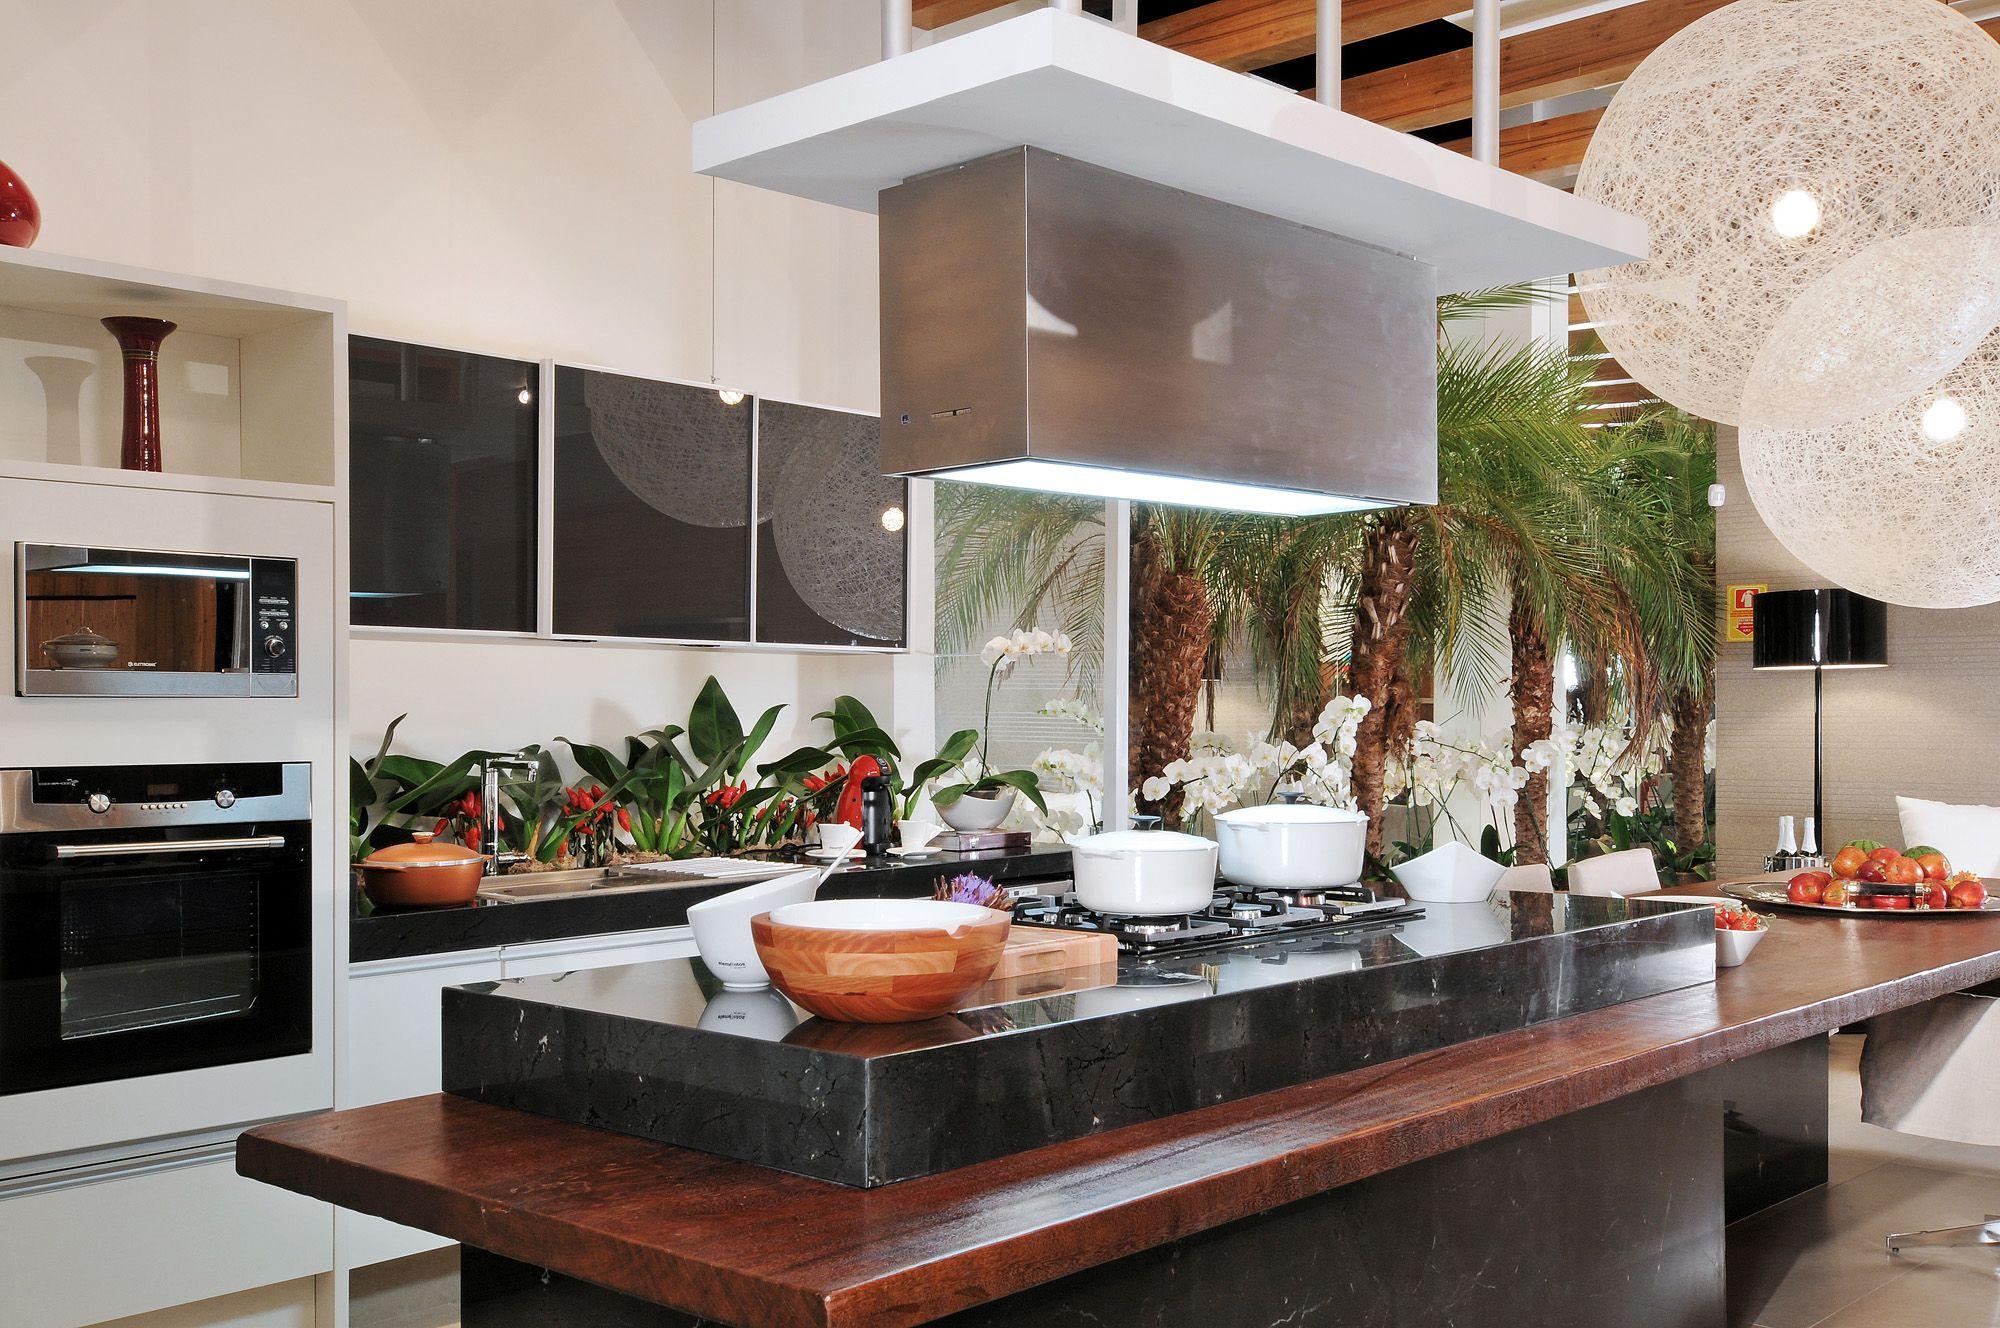 Sala E Cozinha Juntos A Cozinha Tambm Um Espao Social Imagem  -> Sala E Cozinha Juntas Como Decorar